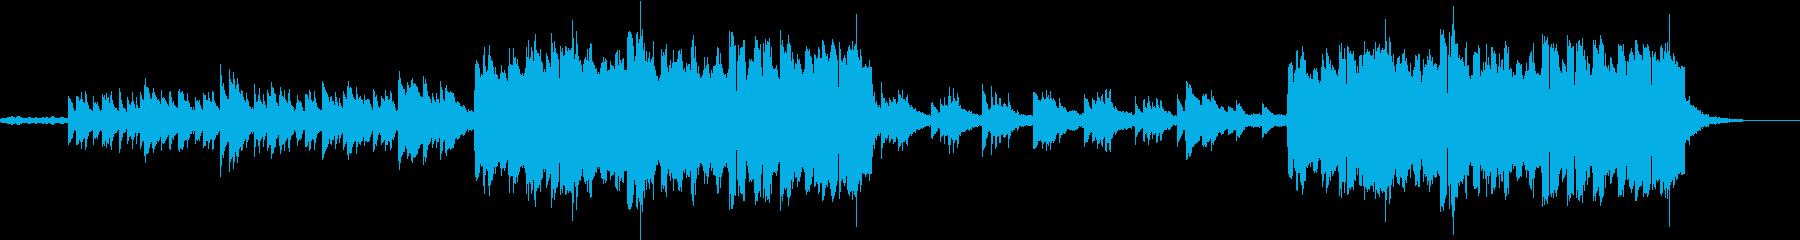 哀愁溢れるハープのケルト風BGMの再生済みの波形